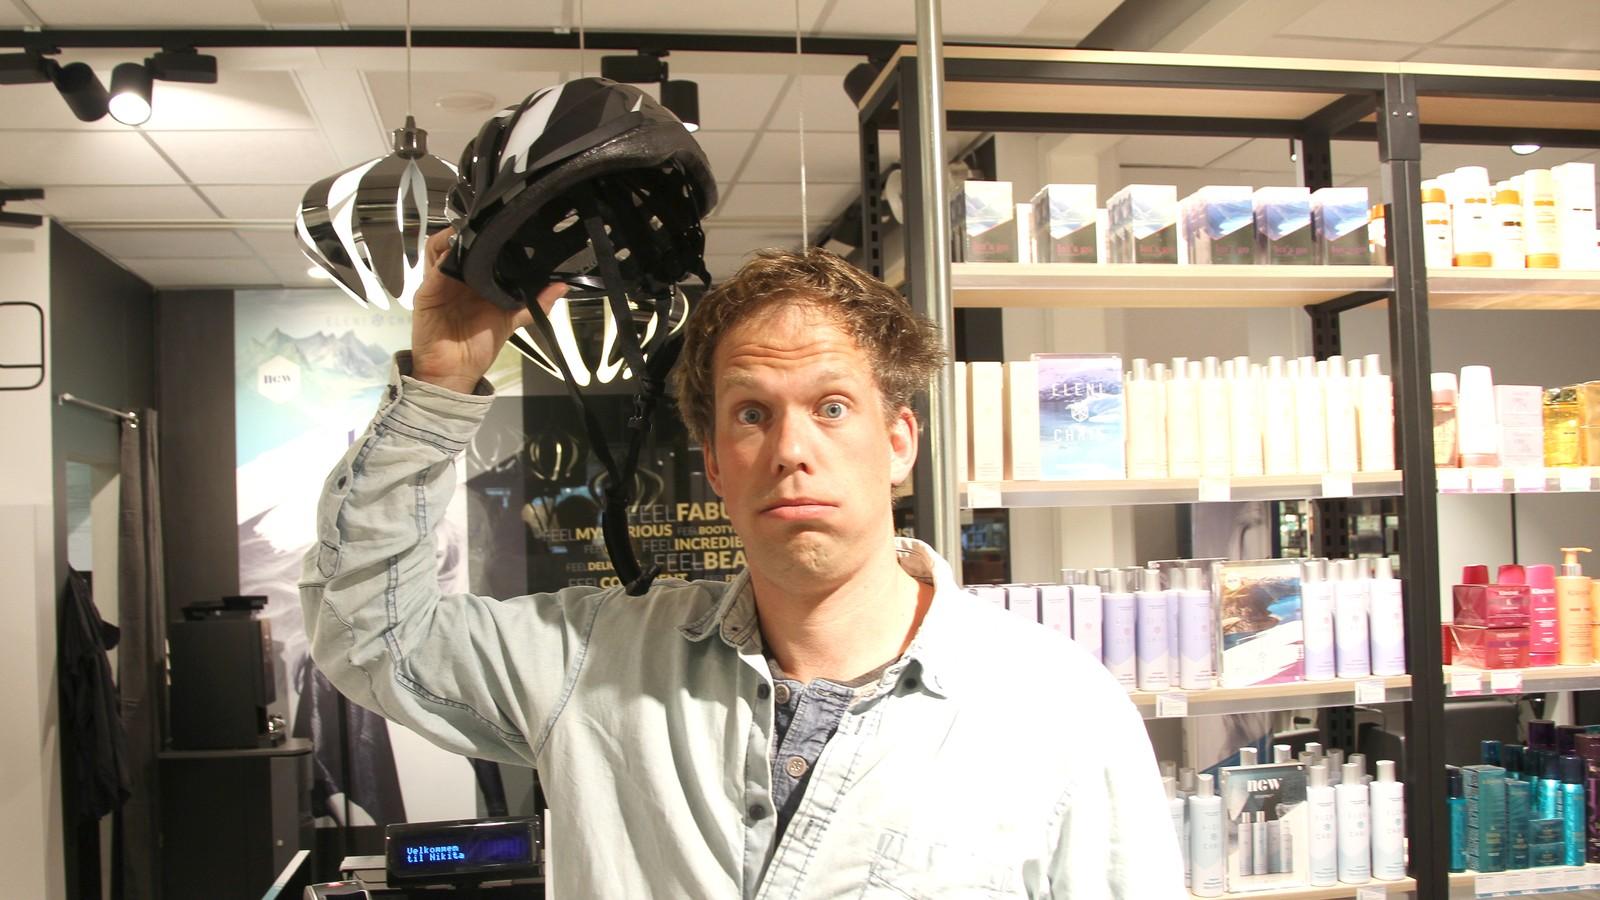 NRK-reporter Wilhelm Støylen er slett ikkje nøgd med korleis sveisen blir etter ein sykkeltur.